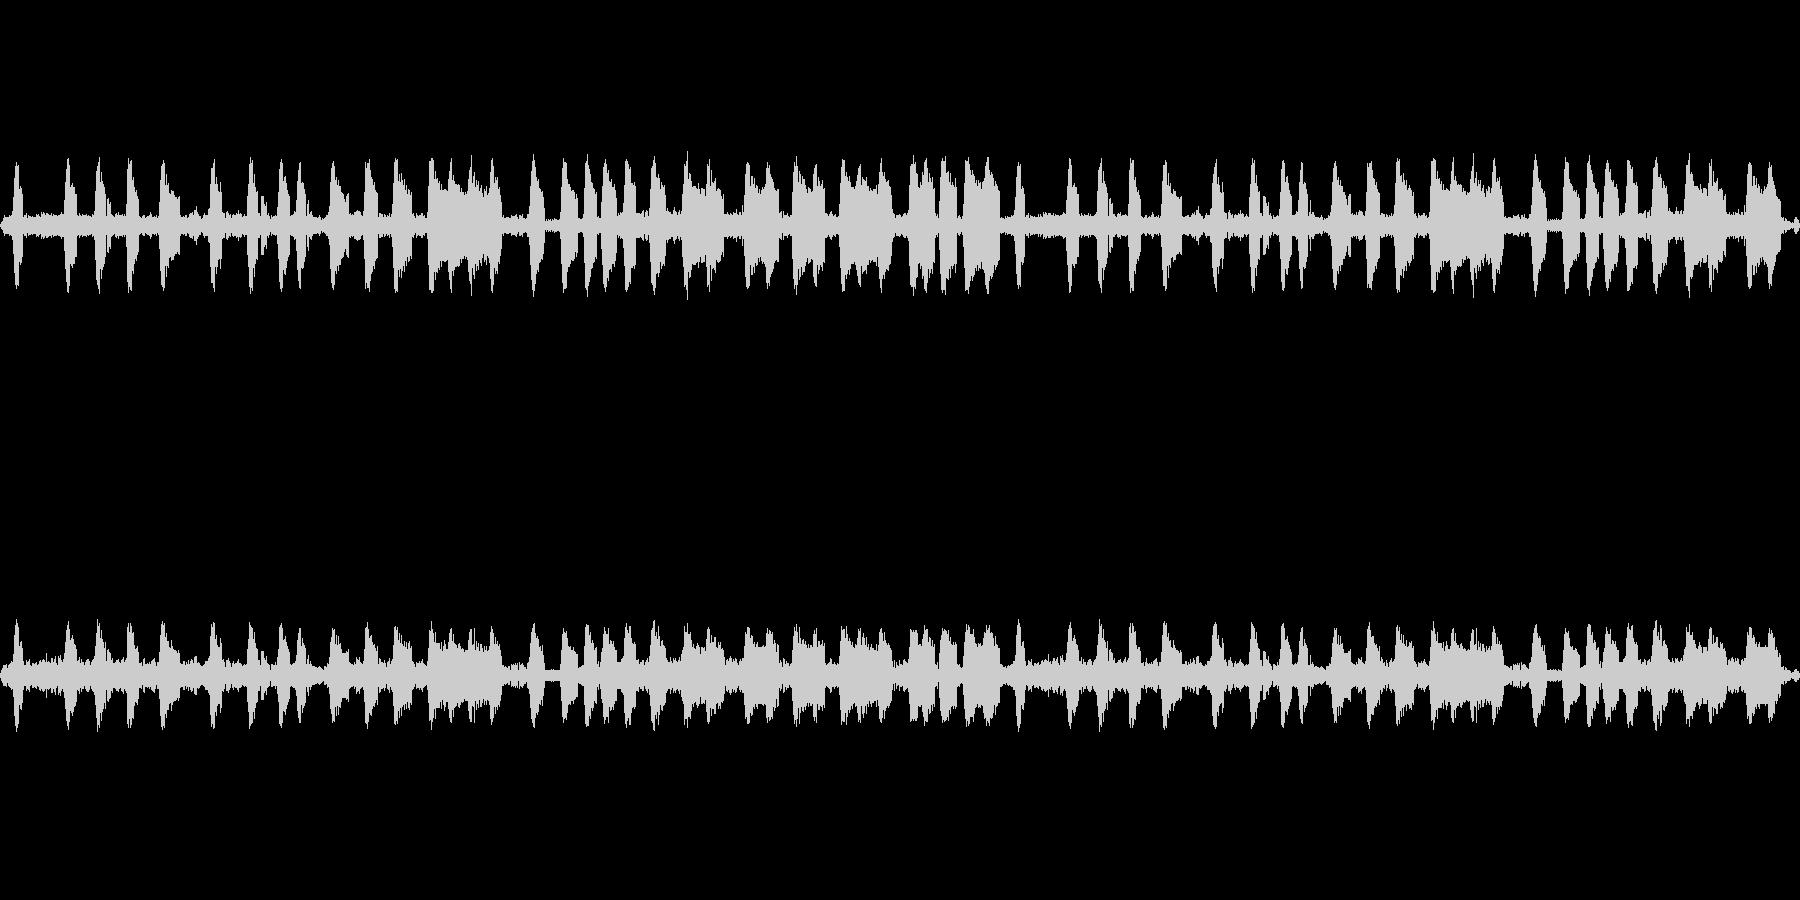 公園で秋虫(コオロギ)を収録の未再生の波形